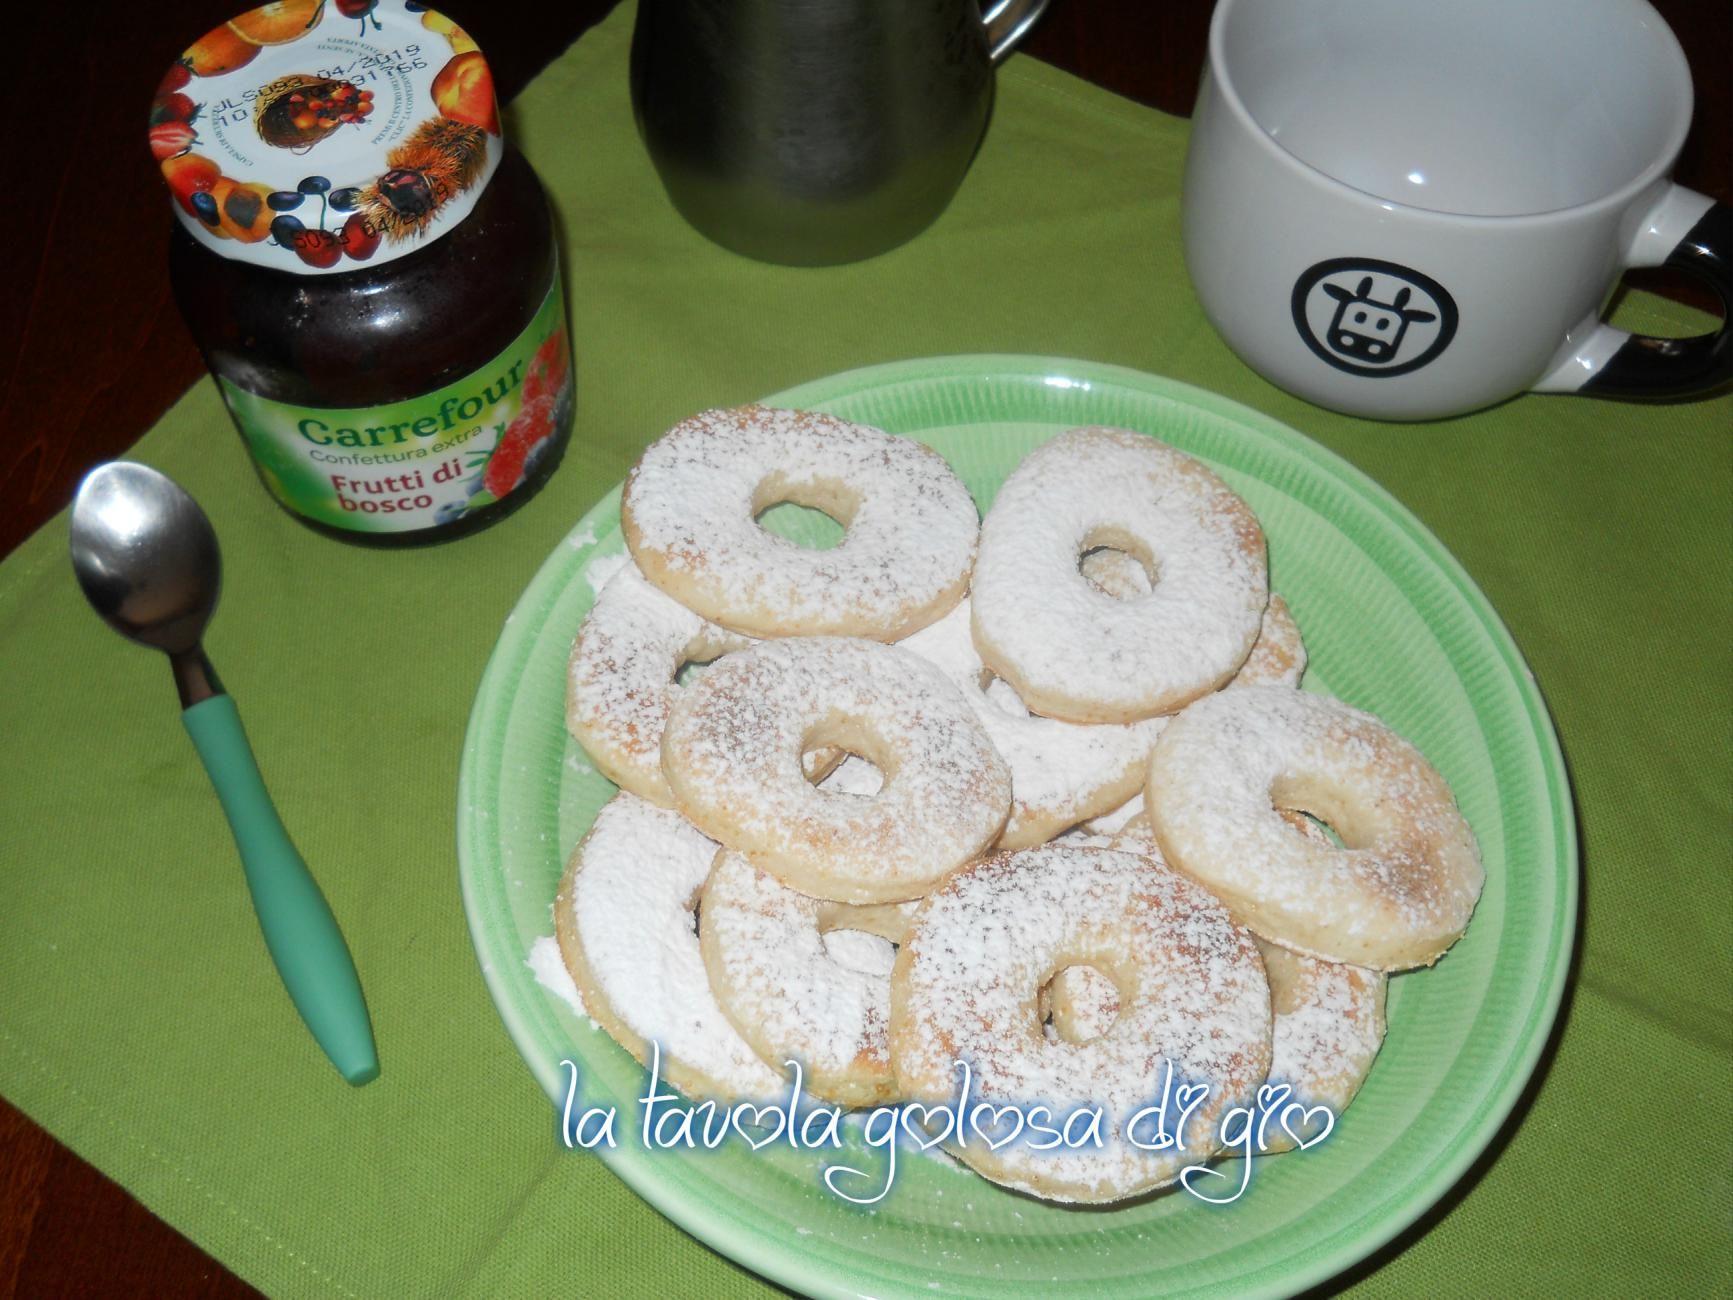 Biscotti allo yogurt senza zucchero, risulteranno davvero tanto leggeri in  quanto mancheranno anche le uova